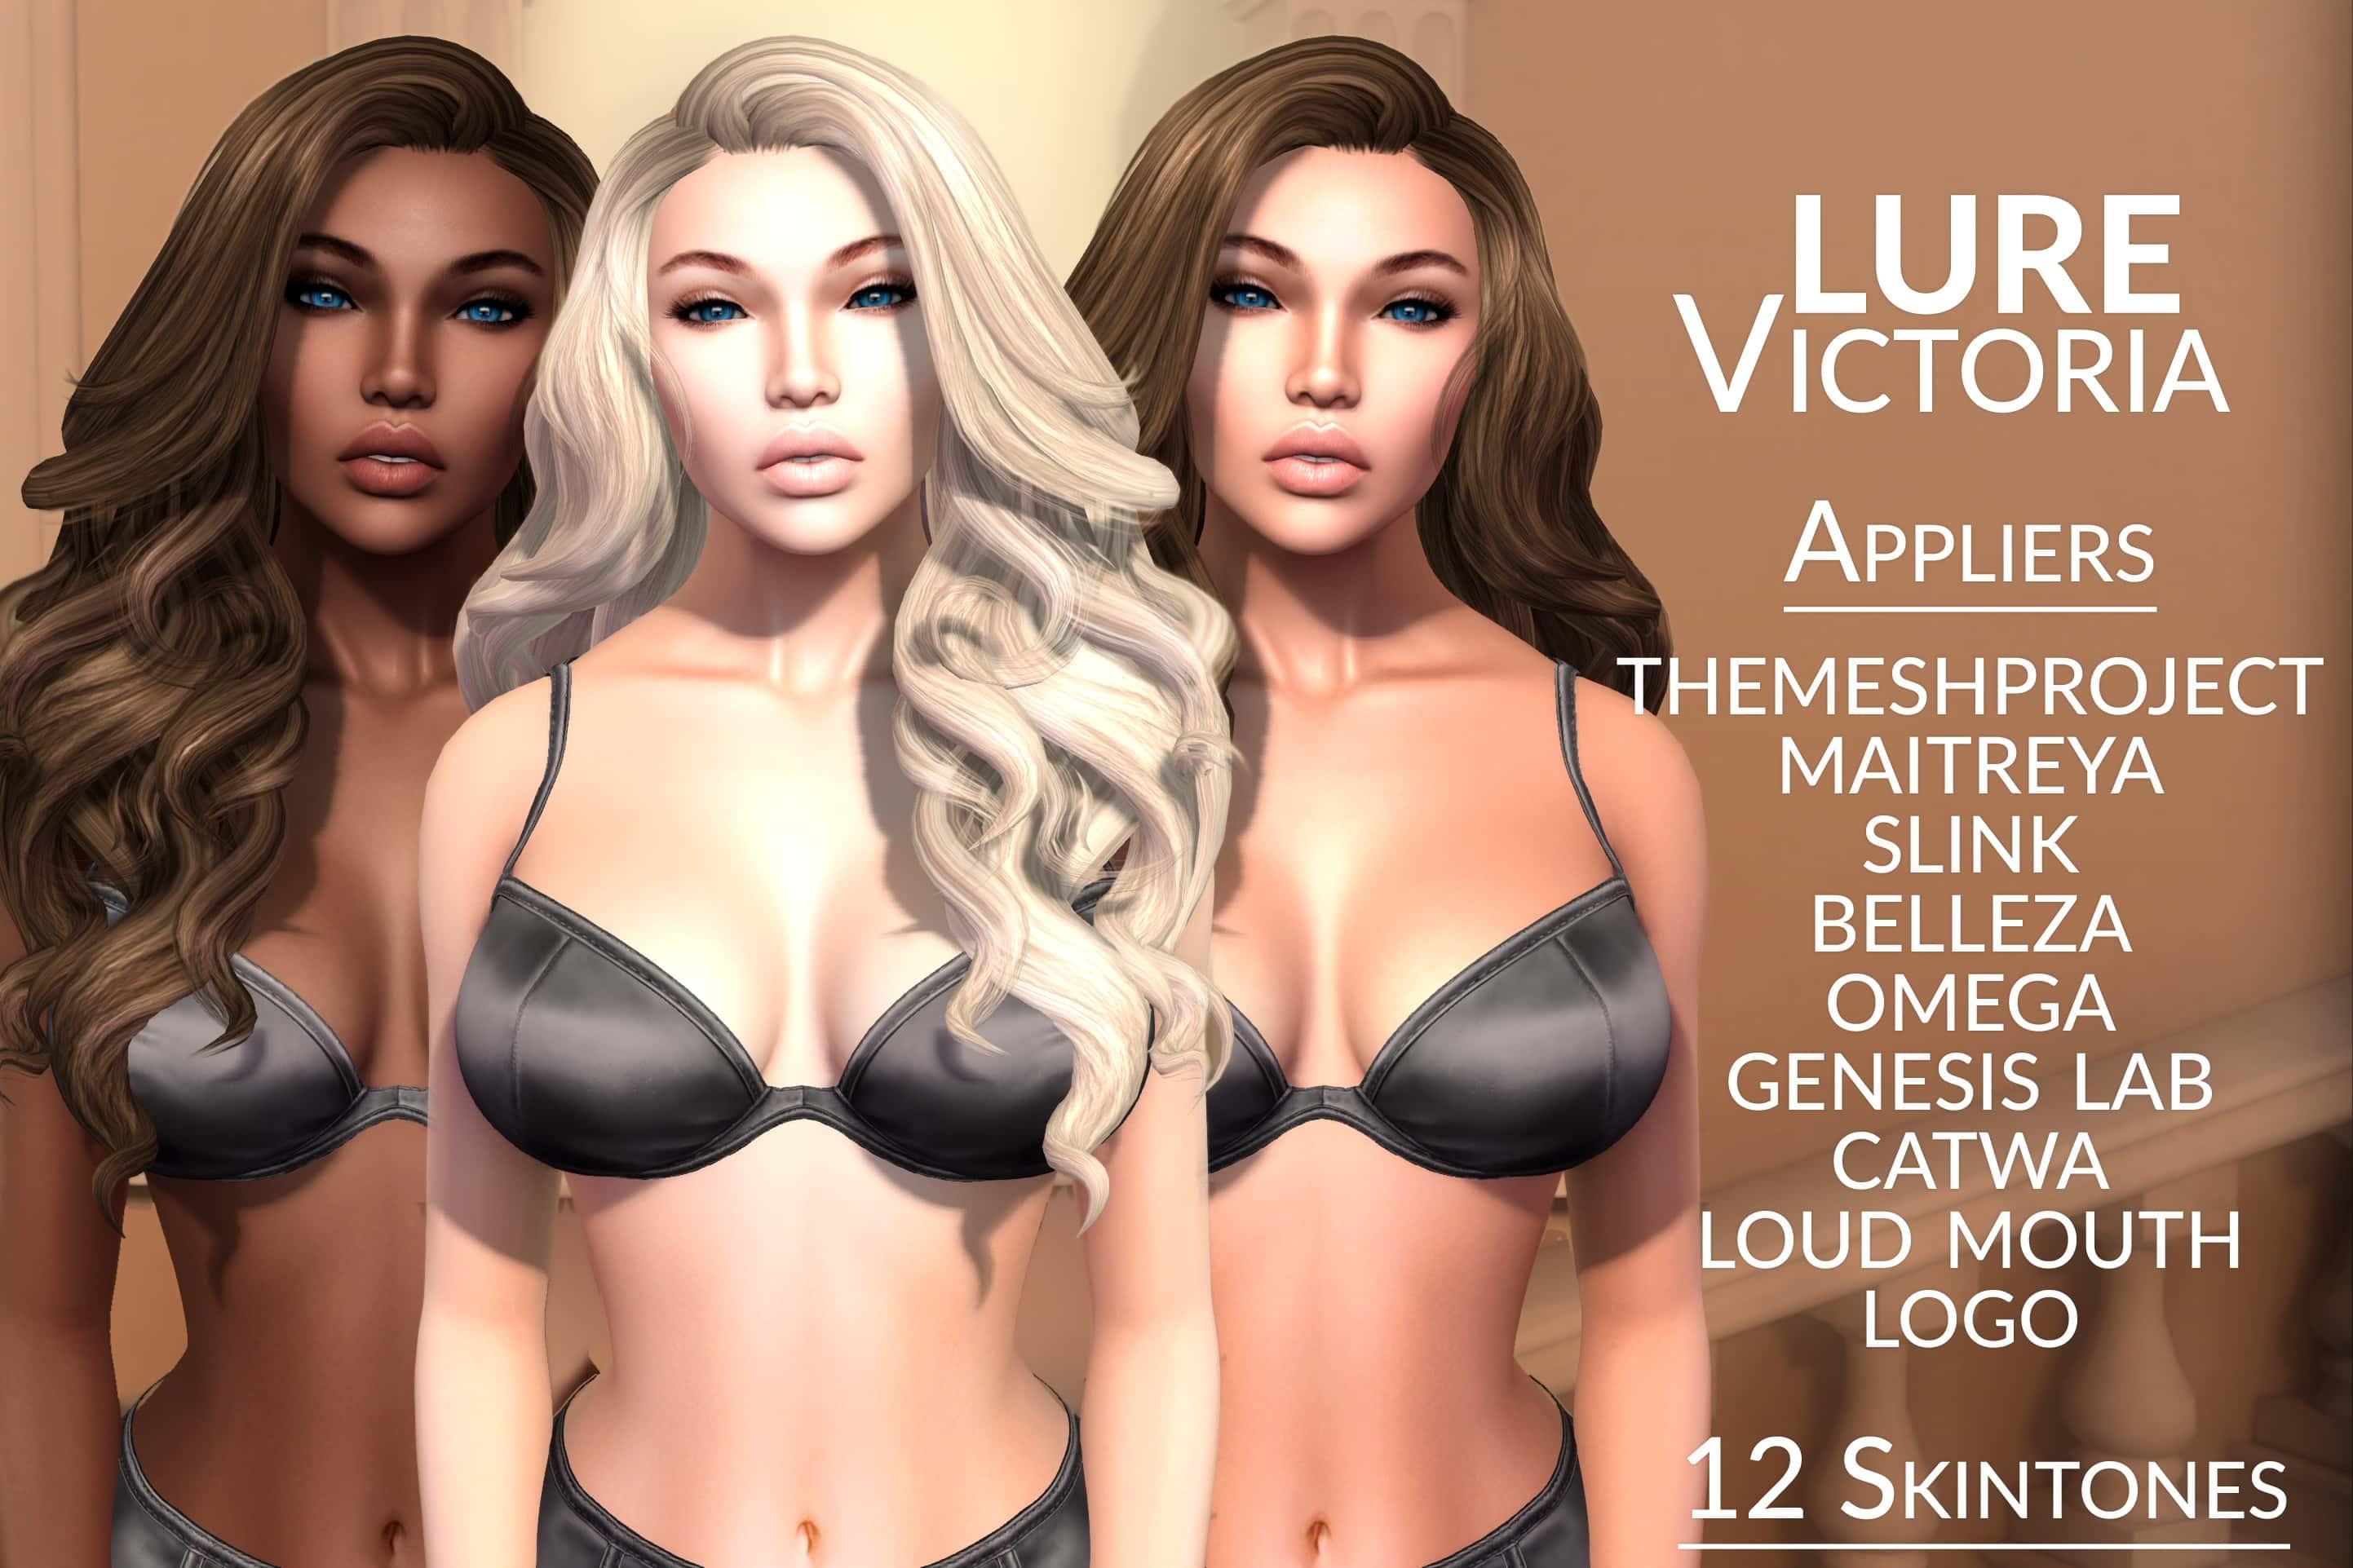 LURE: Victoria skin